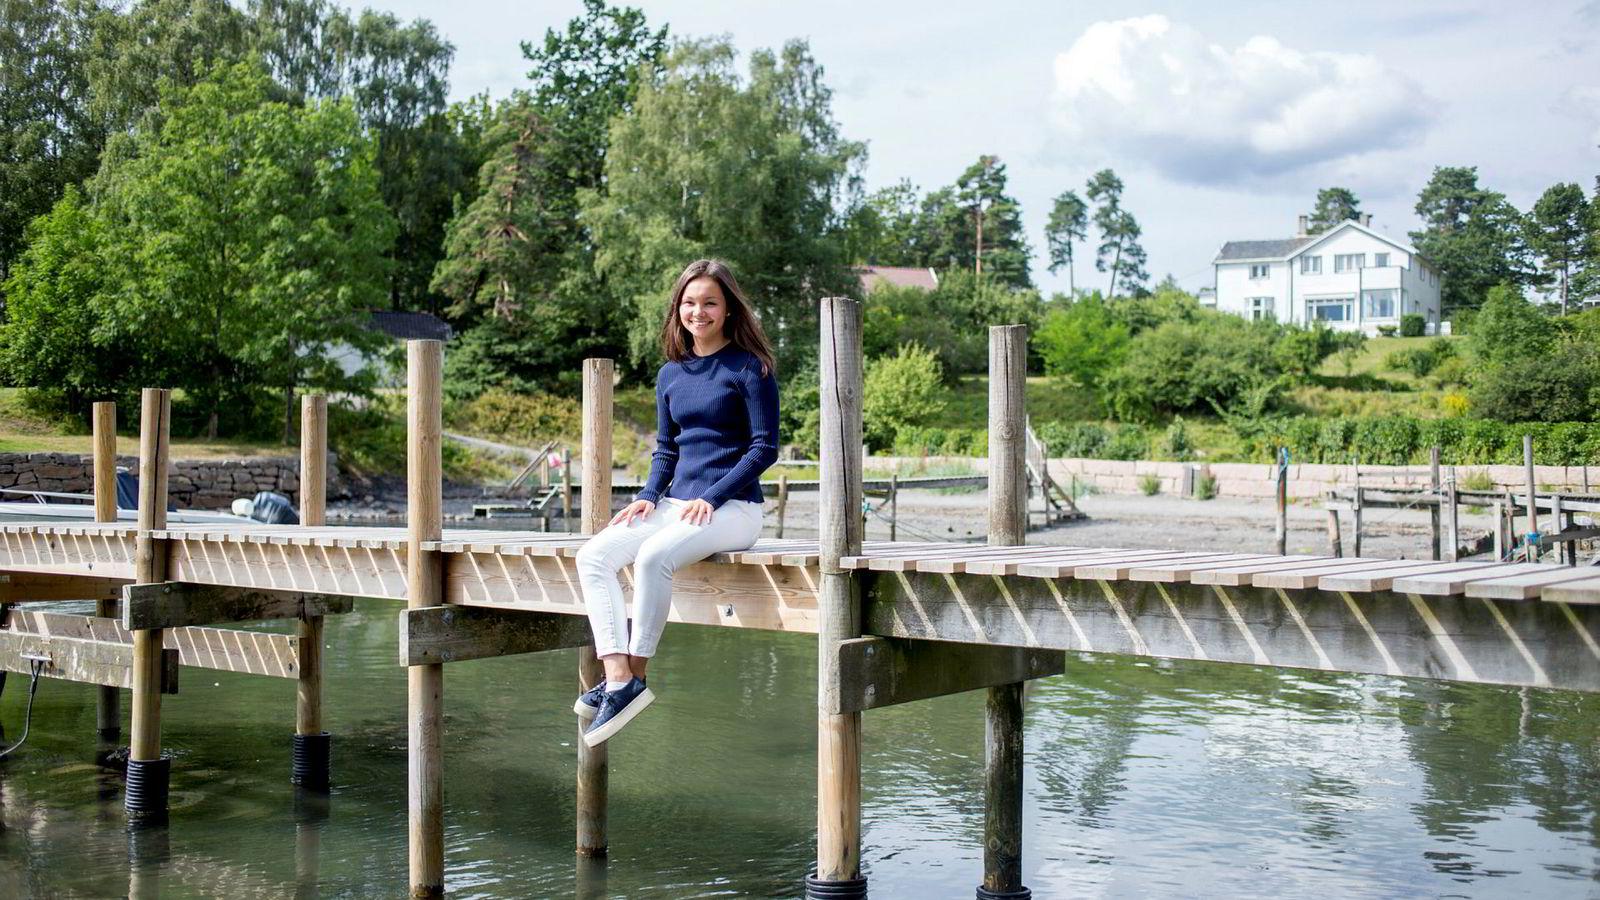 Thea Laetitia Rosenberg (18) fra Bygdøy starter på det amerikanske toppuniversitetet Stanford til høsten. I sommer skal hun ta helt fri, men skolen har likevel sendt henne tre bøker som skal leses før studiestart i september. To av tre er allerede lest.